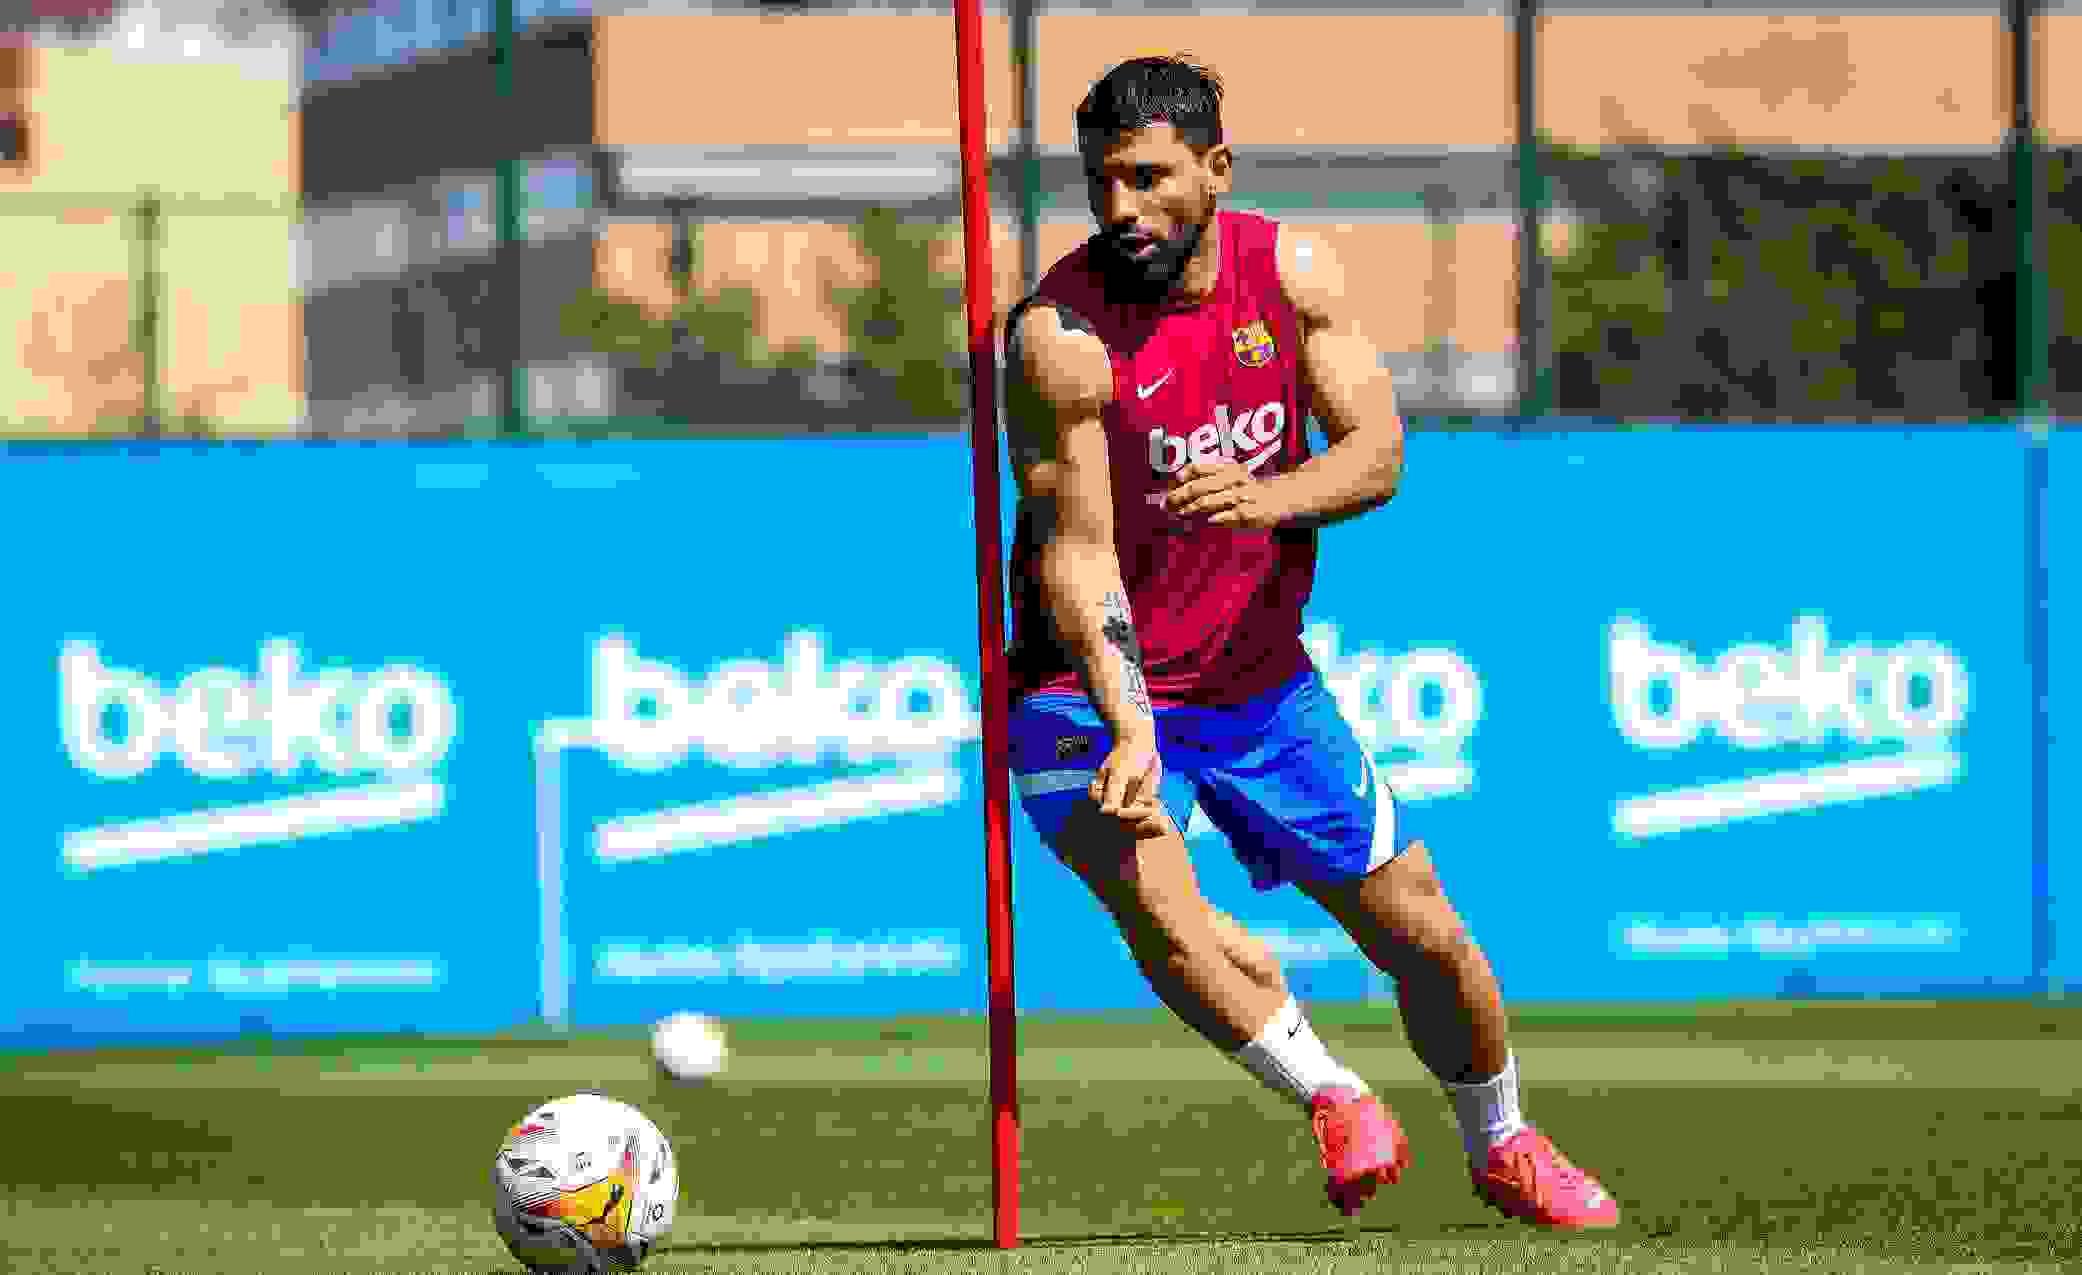 Escándalo: el Kun Agüero podría irse de Barcelona por la salida de Messi